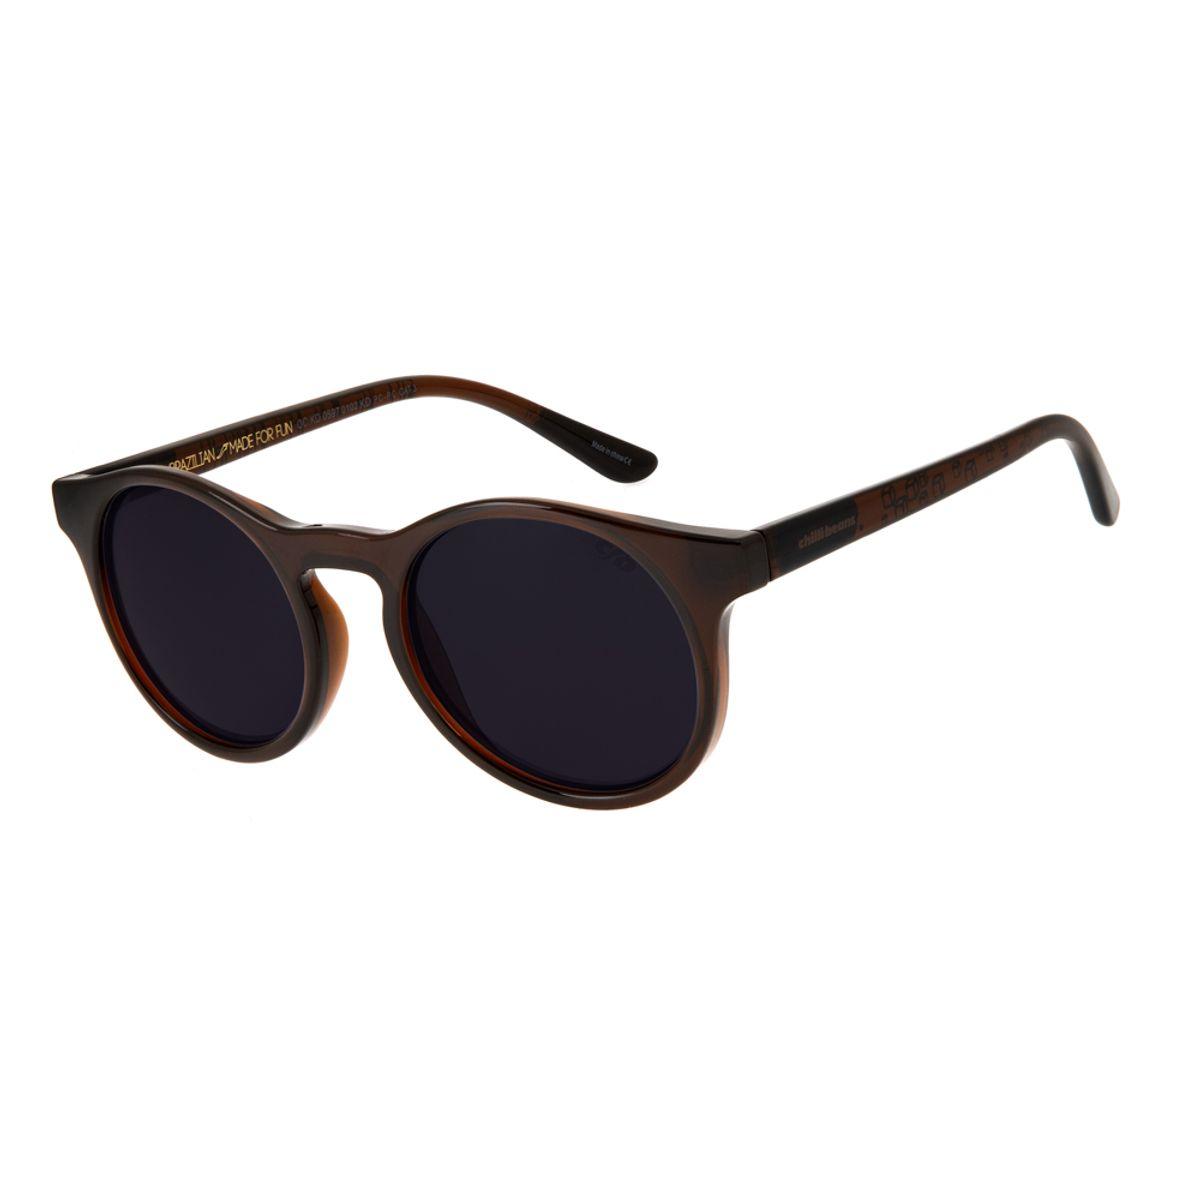 96ec70d6a6d75 Óculos de Sol Chilli Beans Infantil Arte de Rua Cranio Marrom 0597 ...